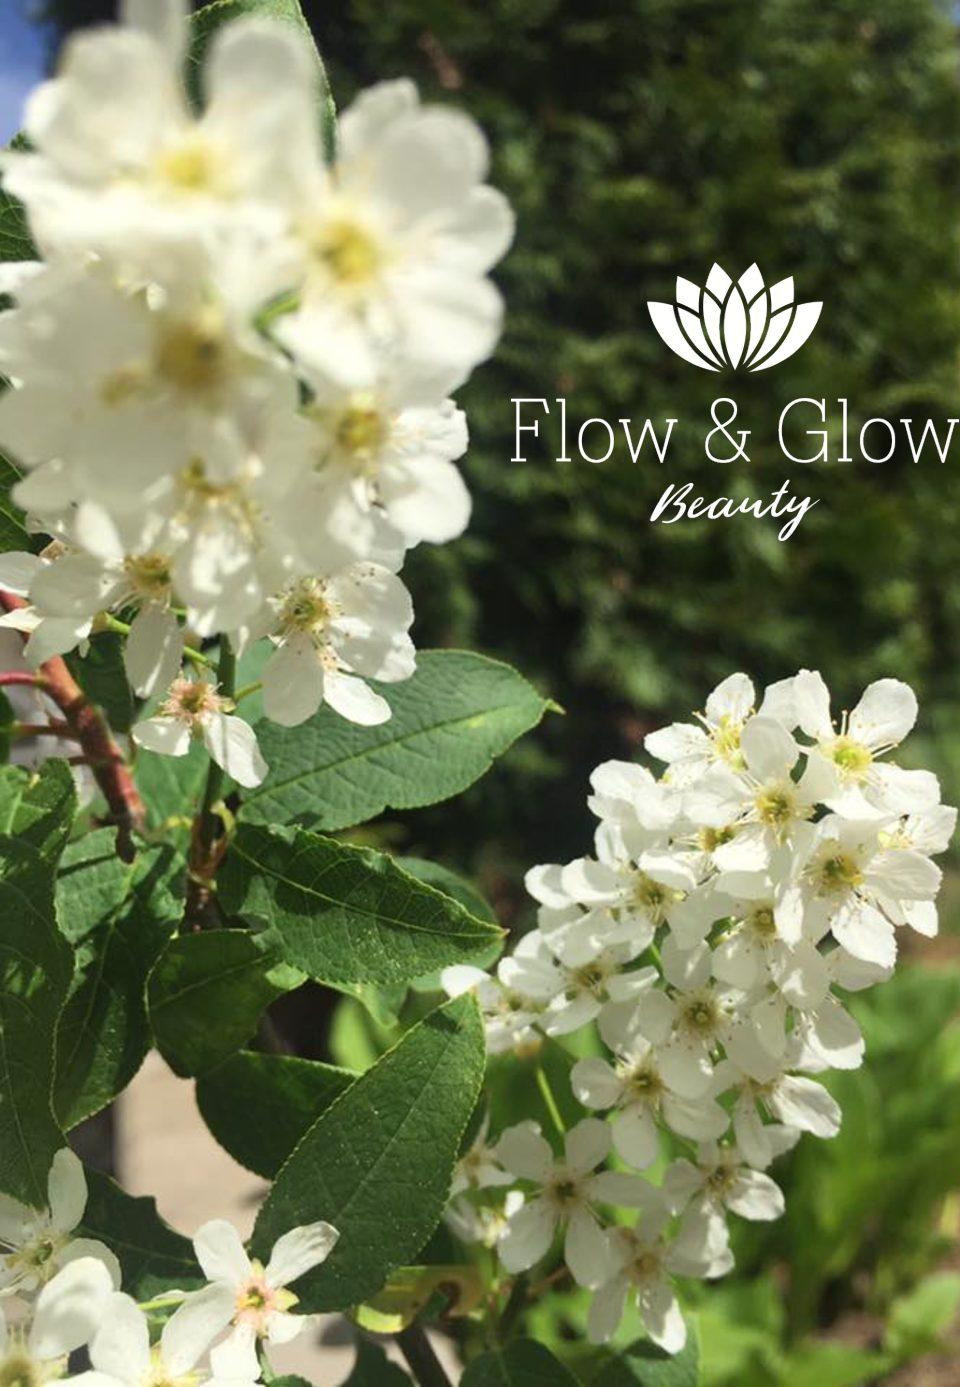 Flow & Glow Beauty aloittaa yhteistyön Joensuussa 16.6. Kauneushoitola RosaLindan kanssa (Kauppakatu 15, 2.krs)